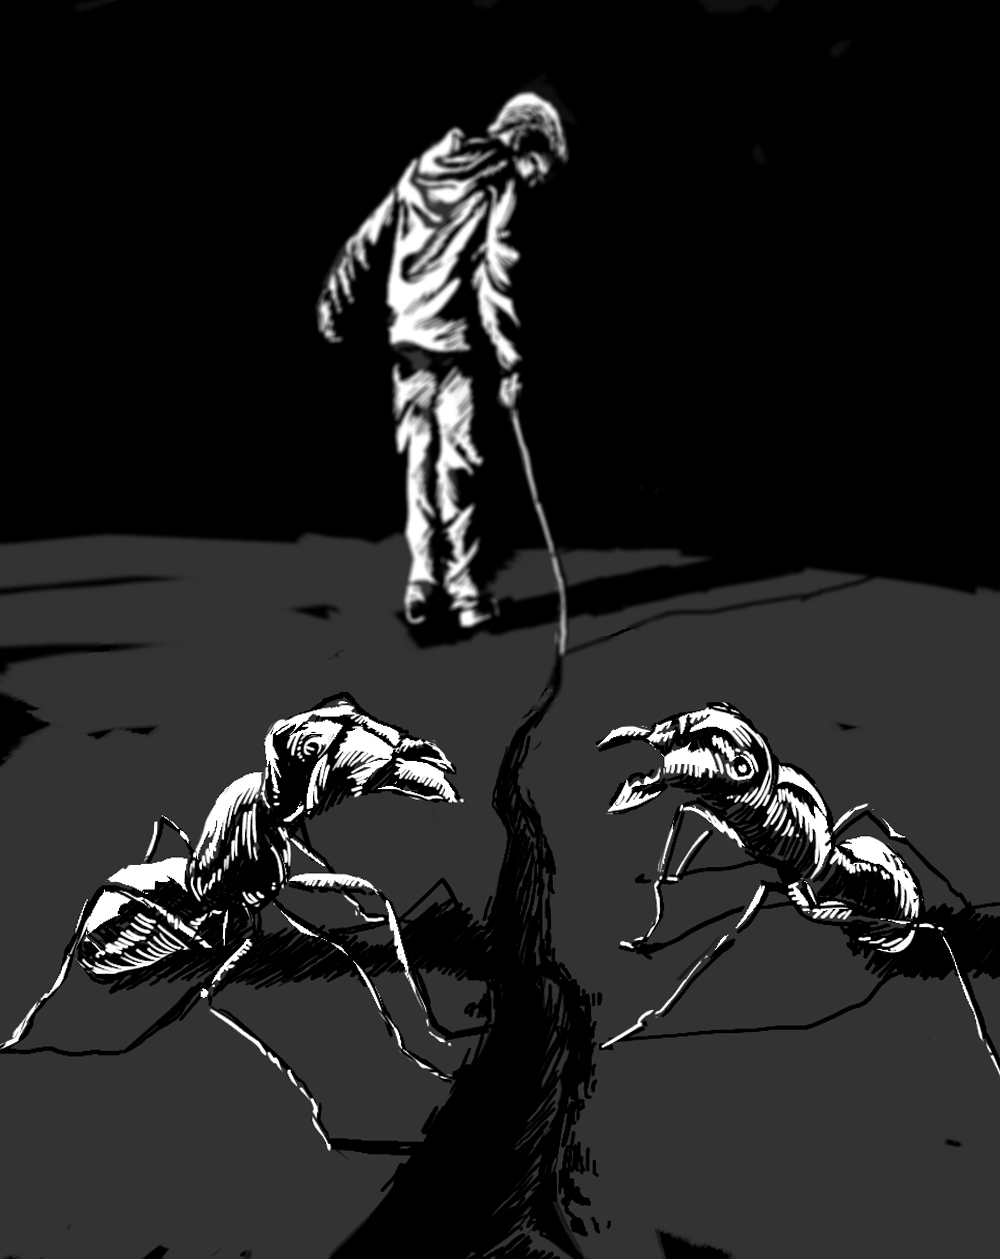 El miedo que nos separa